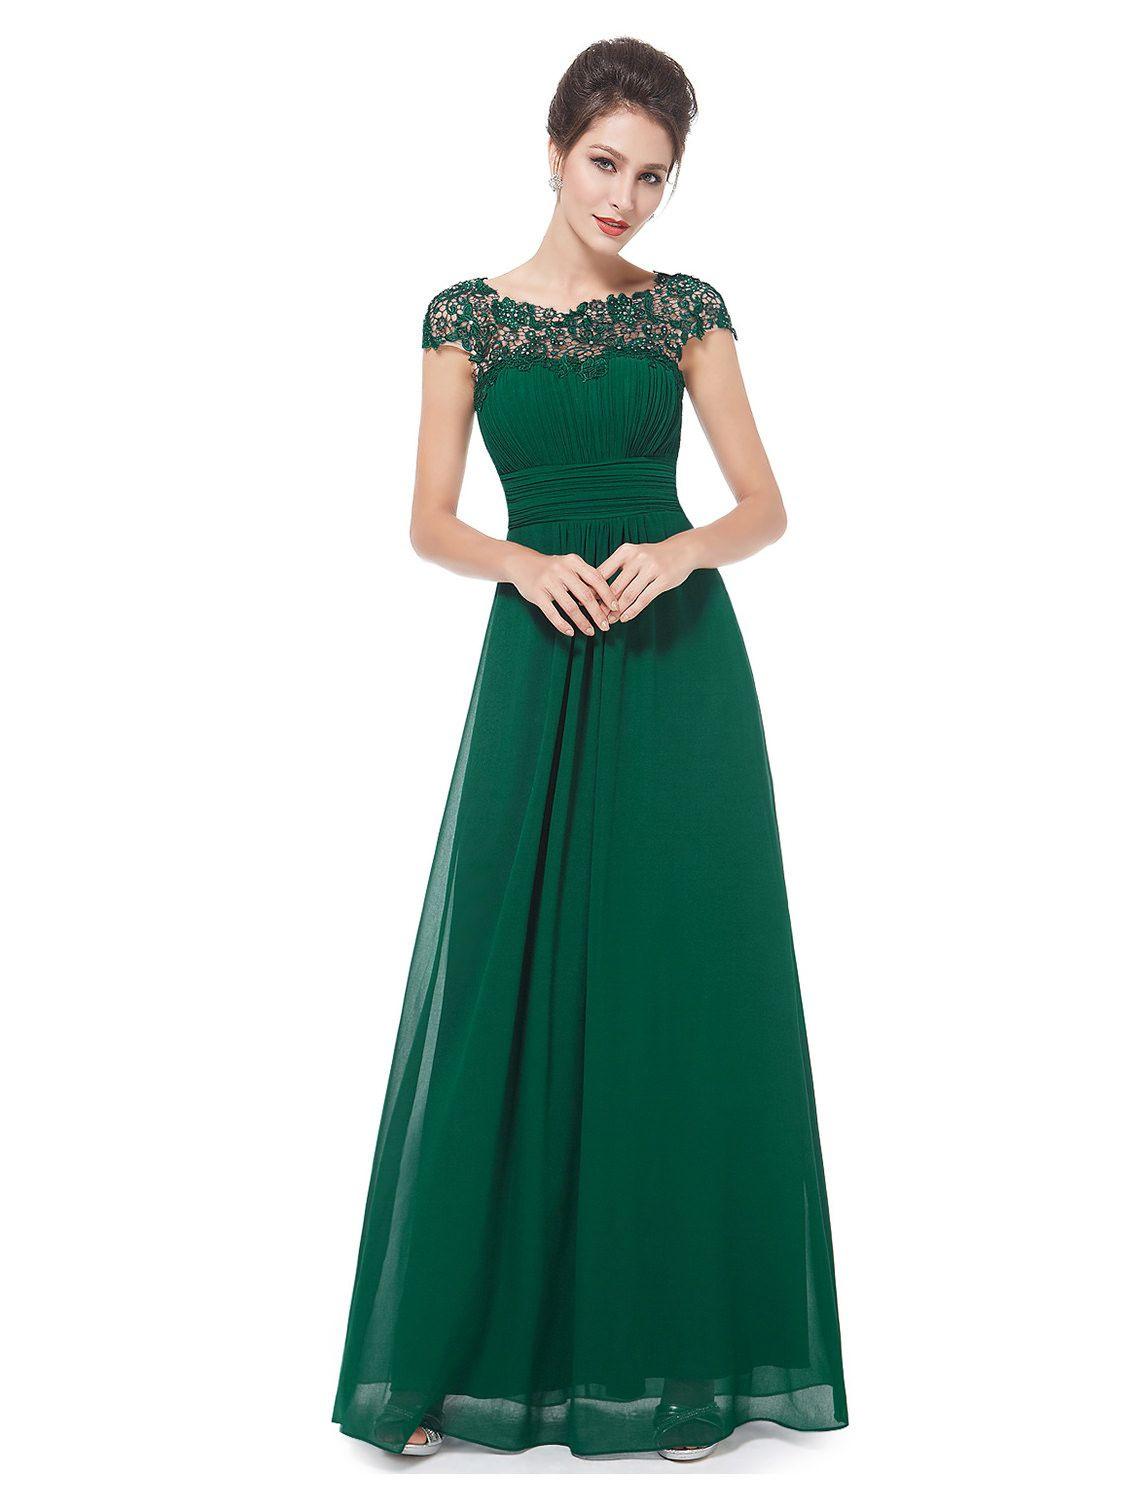 Designer Spektakulär Grünes Kleid Spitze Galerie15 Spektakulär Grünes Kleid Spitze Galerie